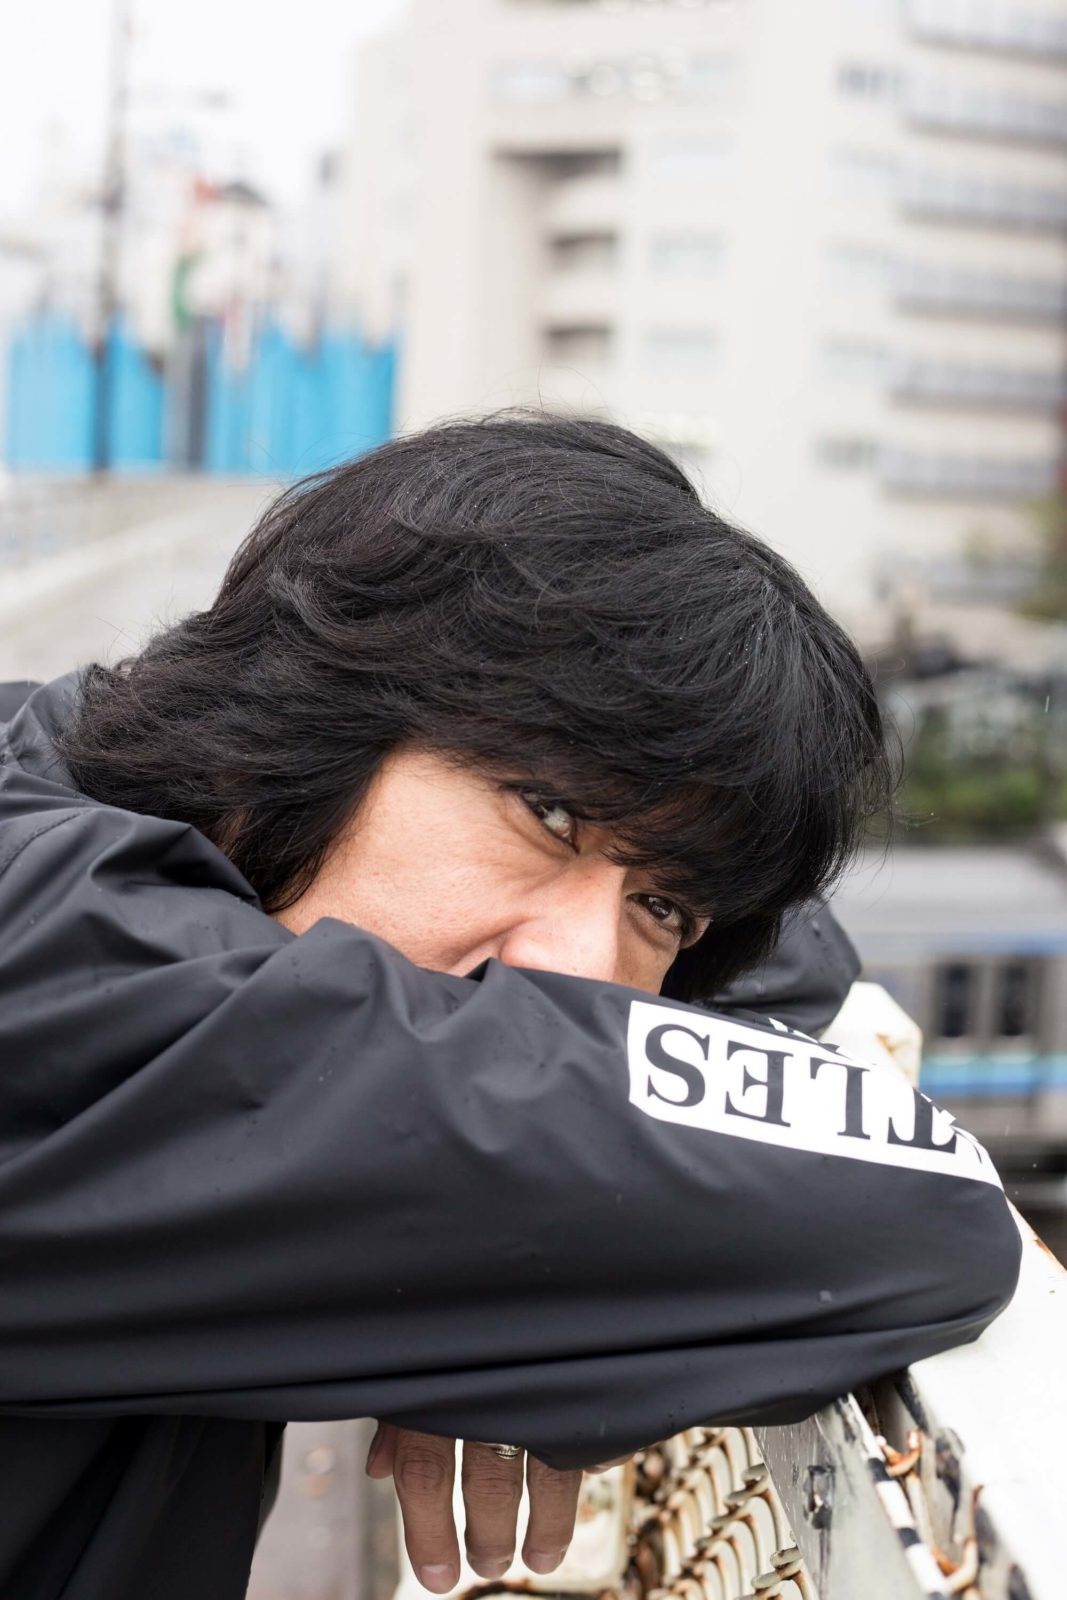 古市コータロー、約4年半ぶりとなるソロアルバム「東京」リリース&ソロツアーも決定!